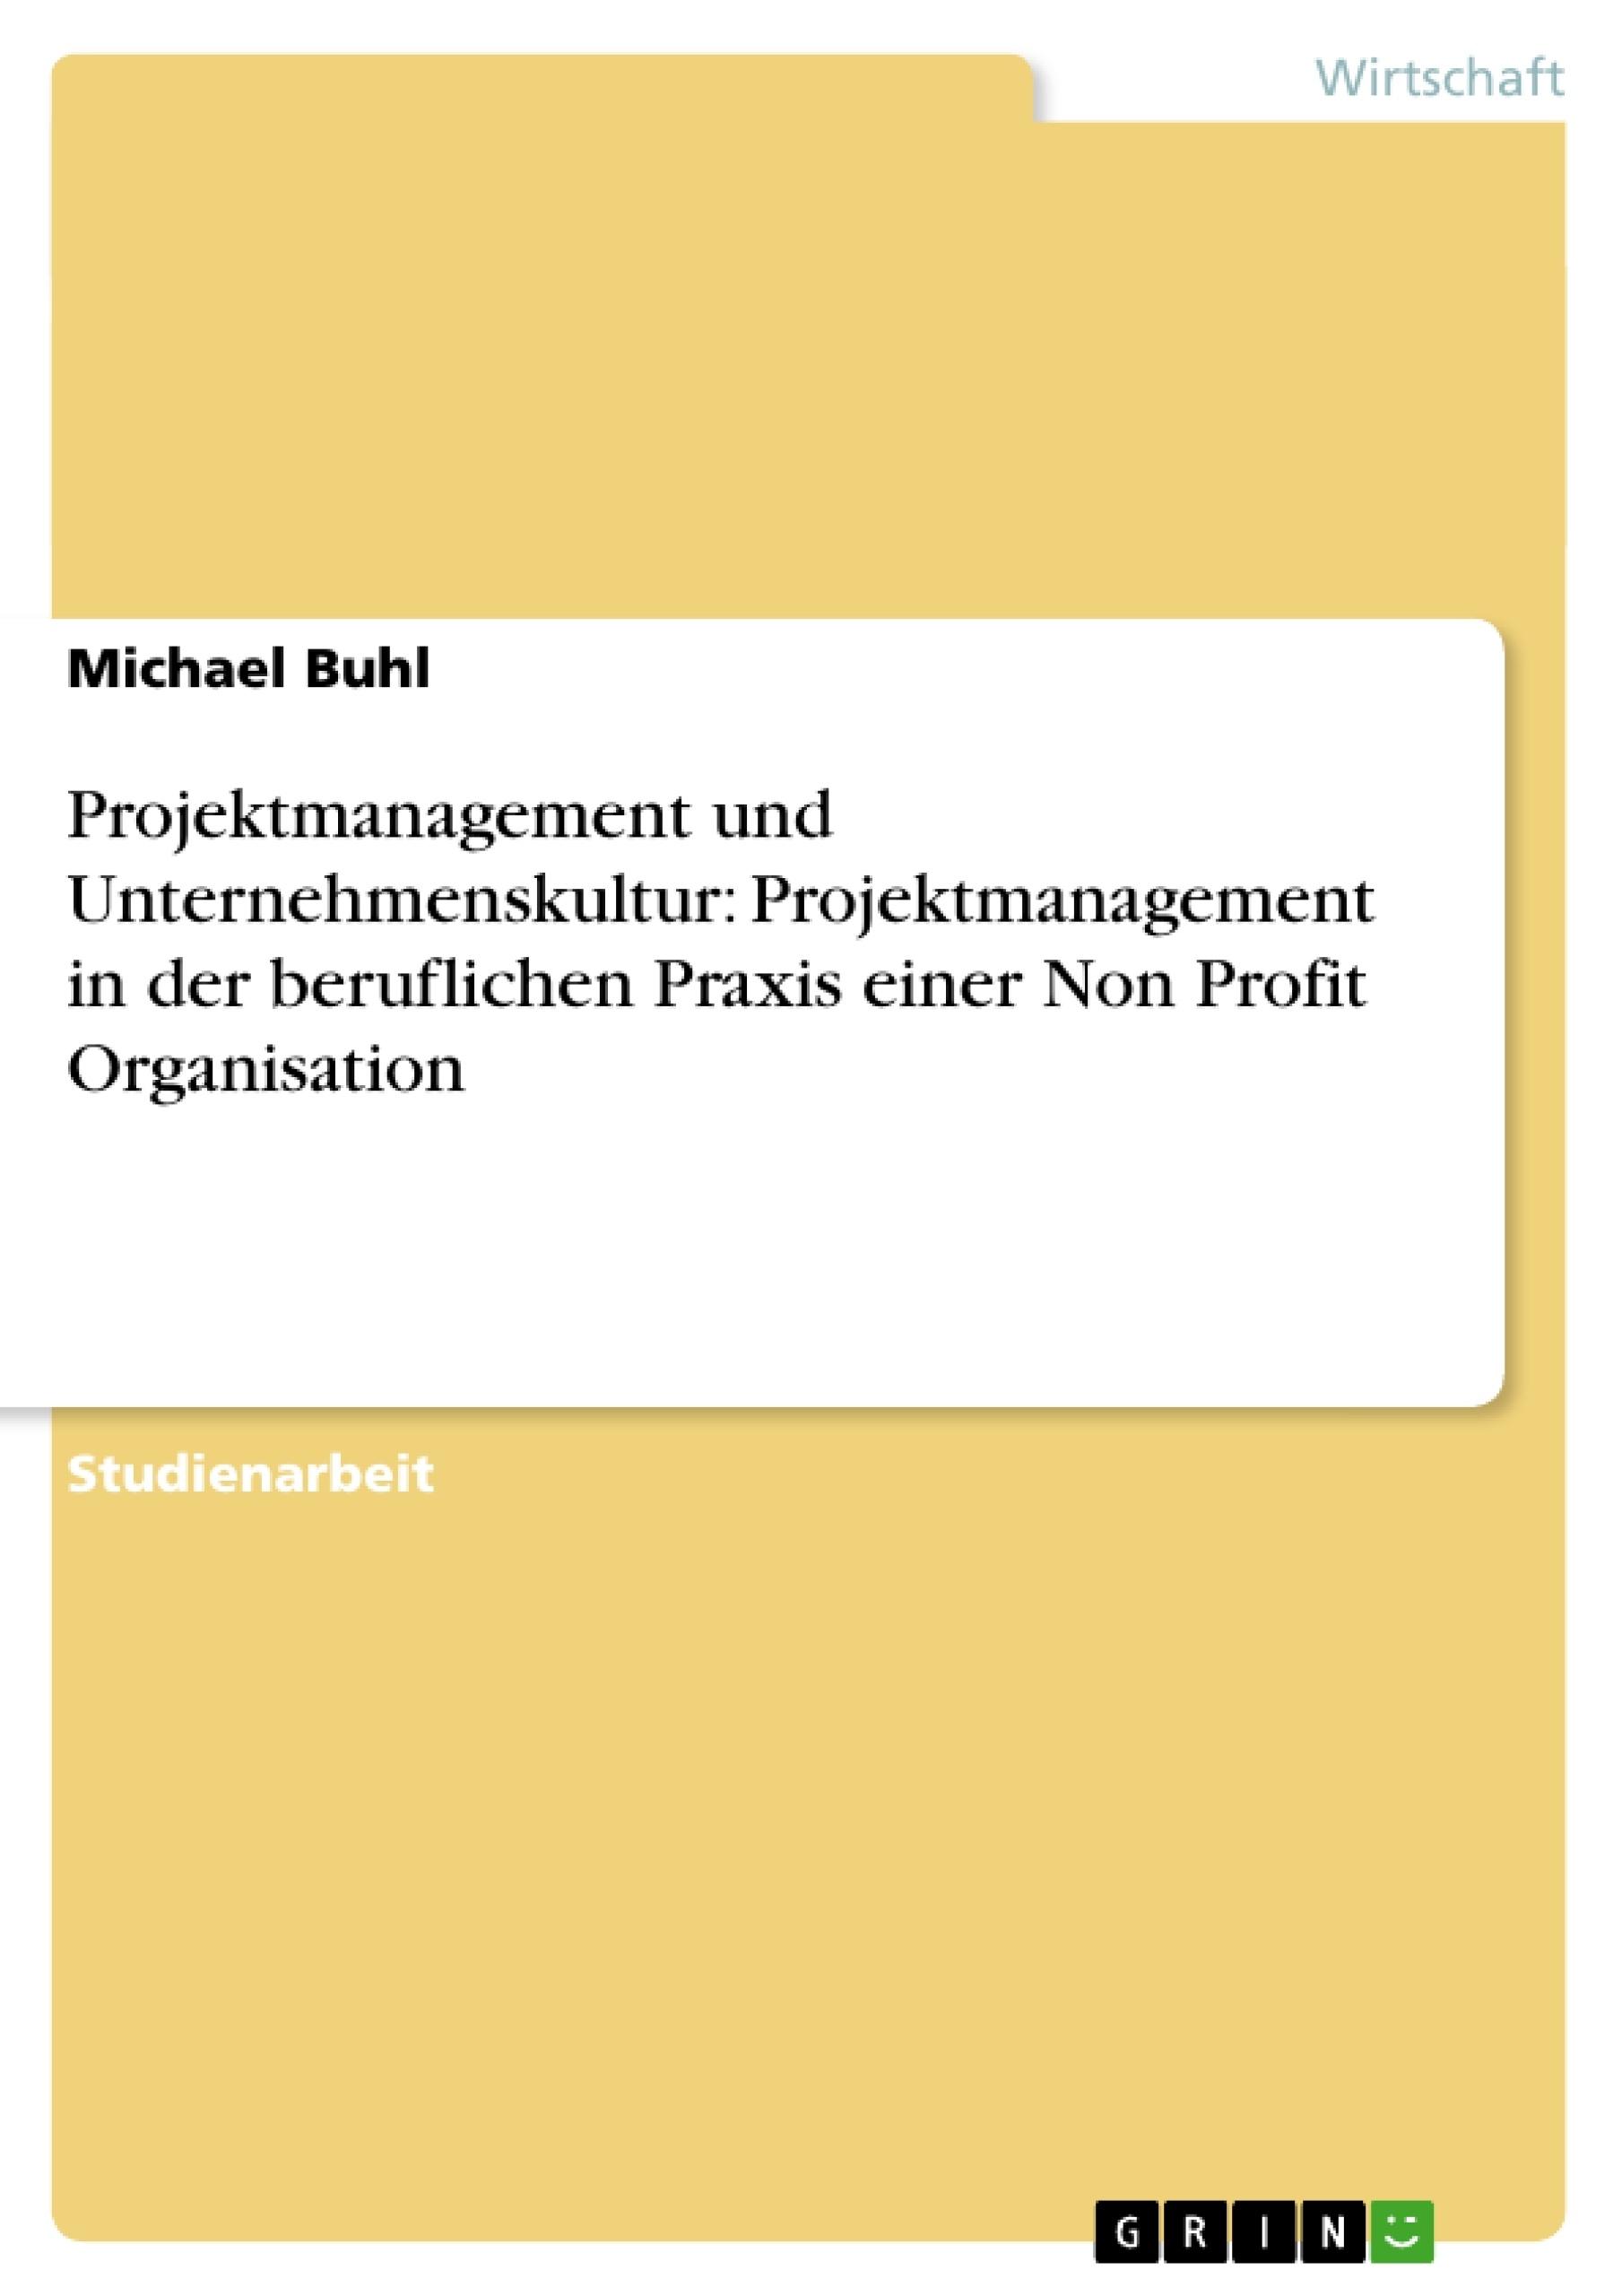 Titel: Projektmanagement und Unternehmenskultur: Projektmanagement in der beruflichen Praxis einer Non Profit Organisation